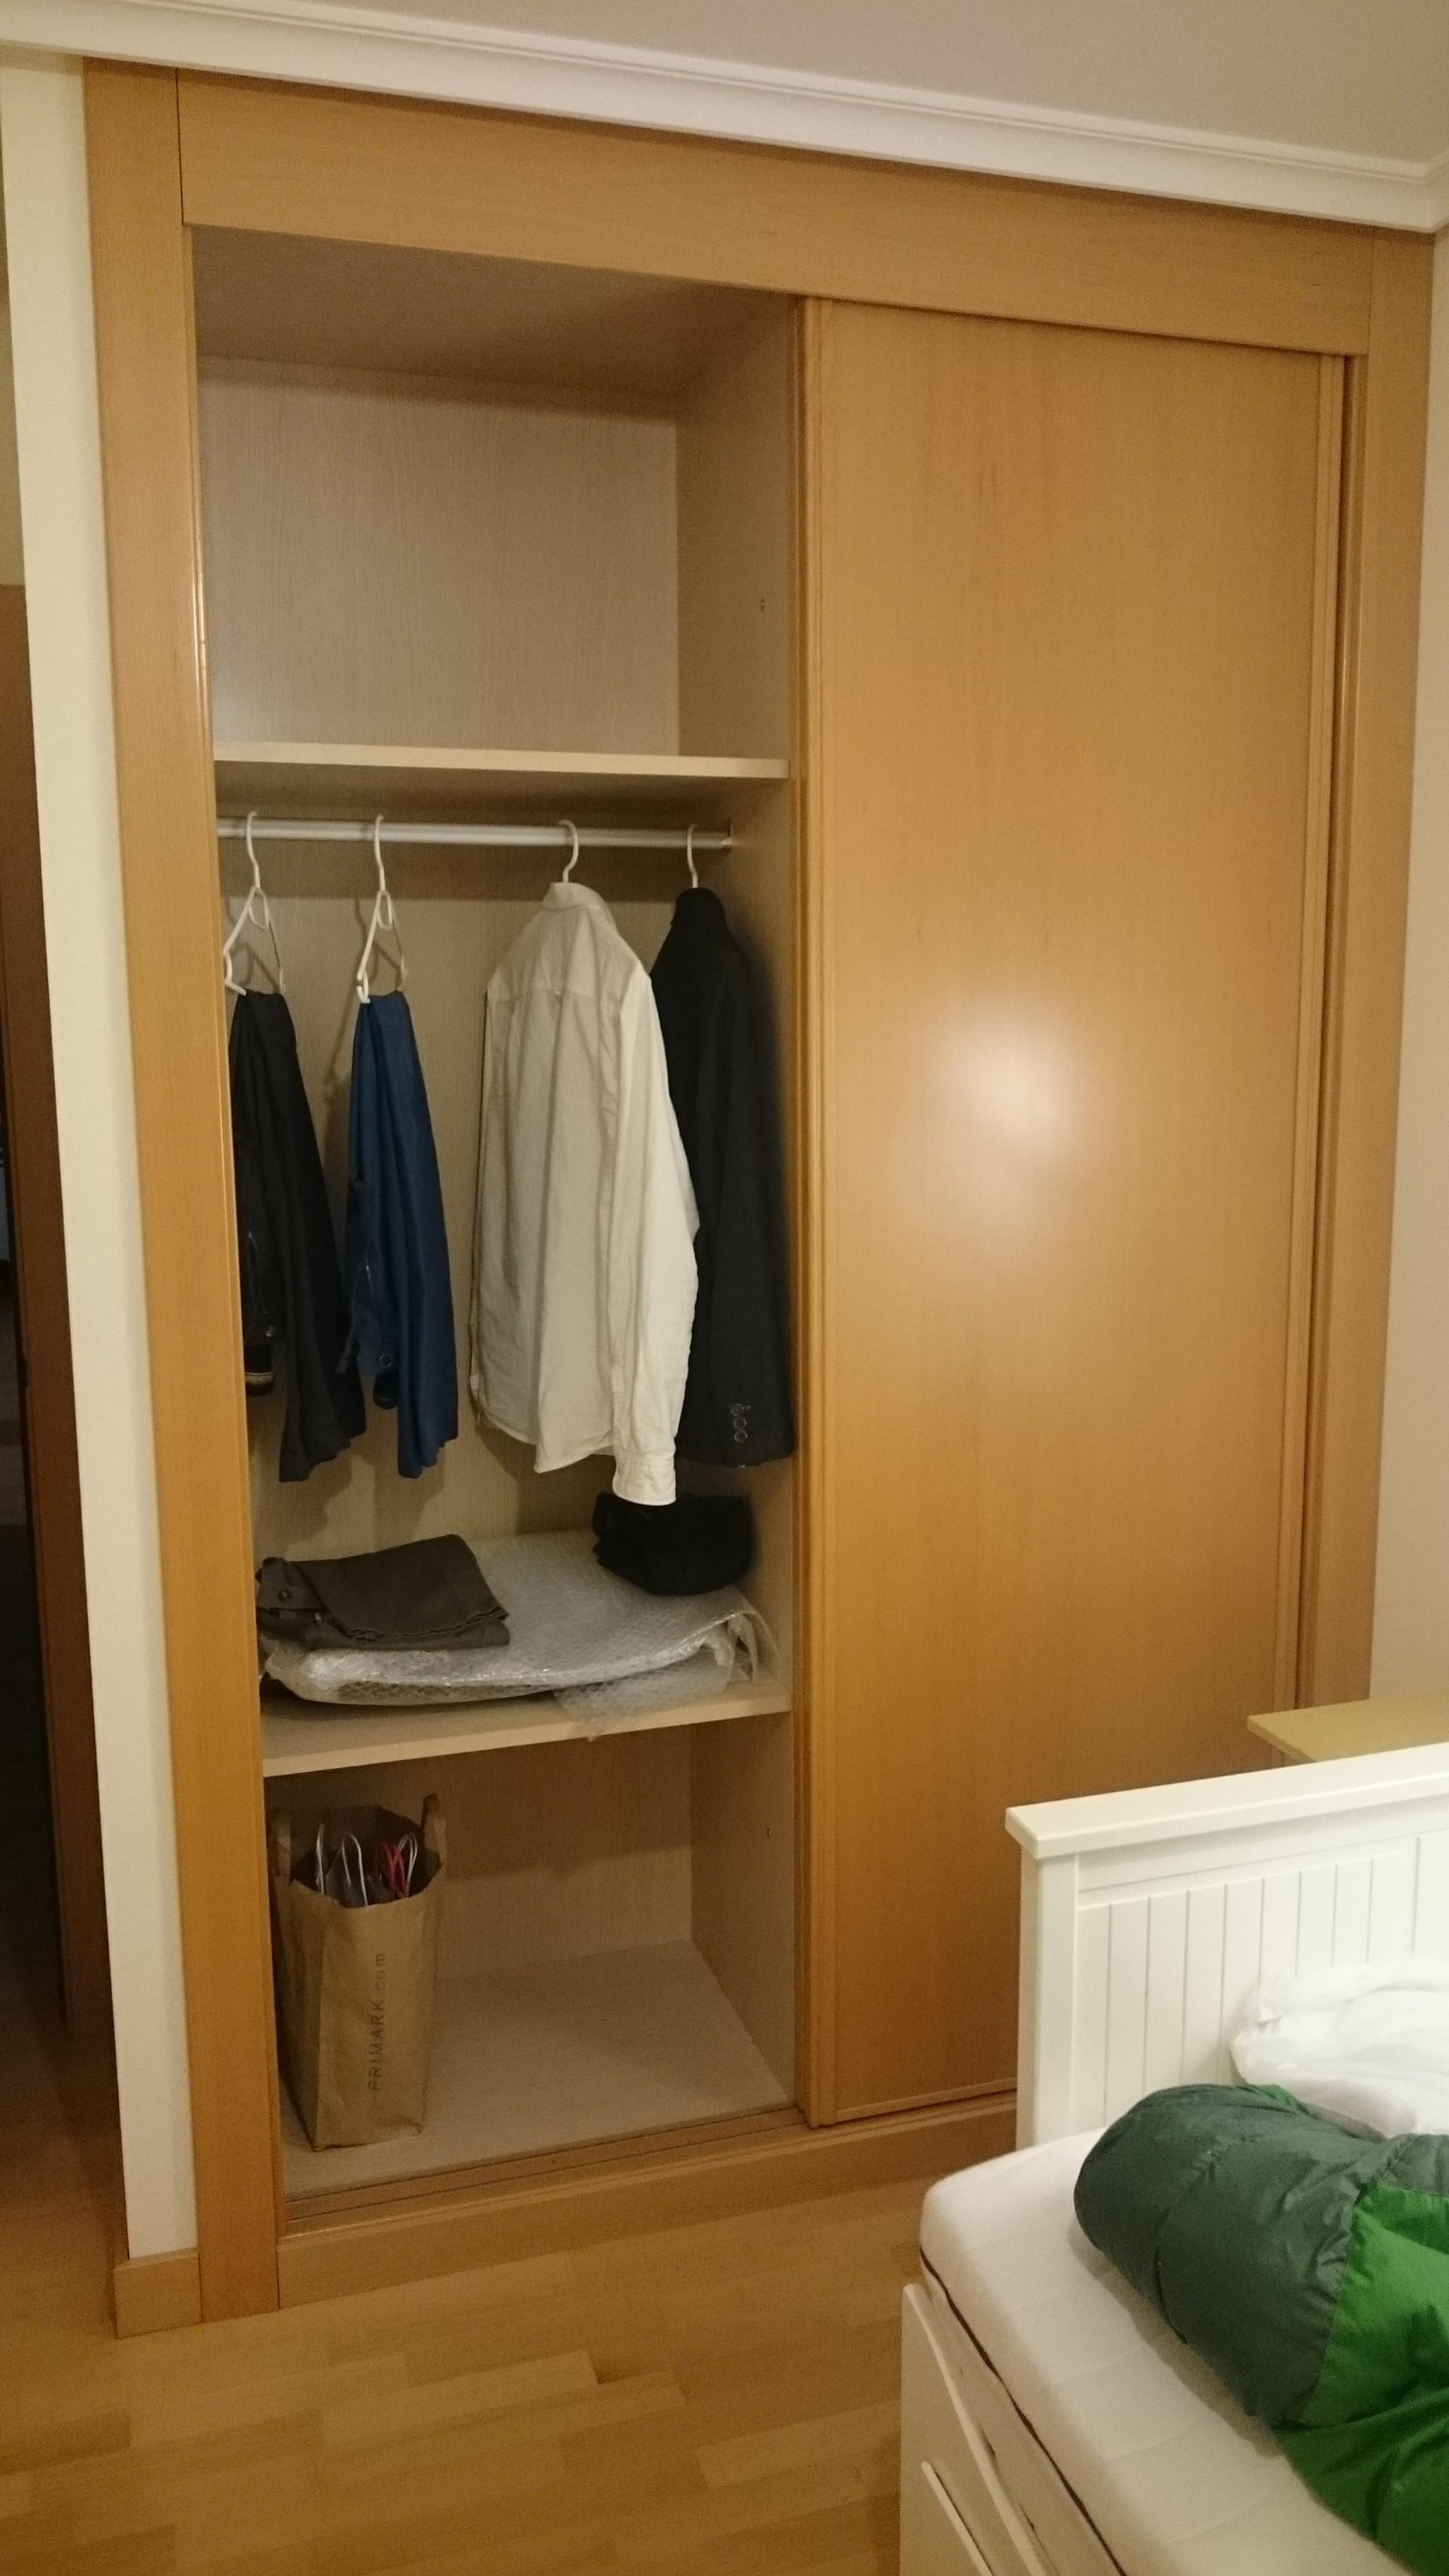 Habitación individual con baño privado en Logroño